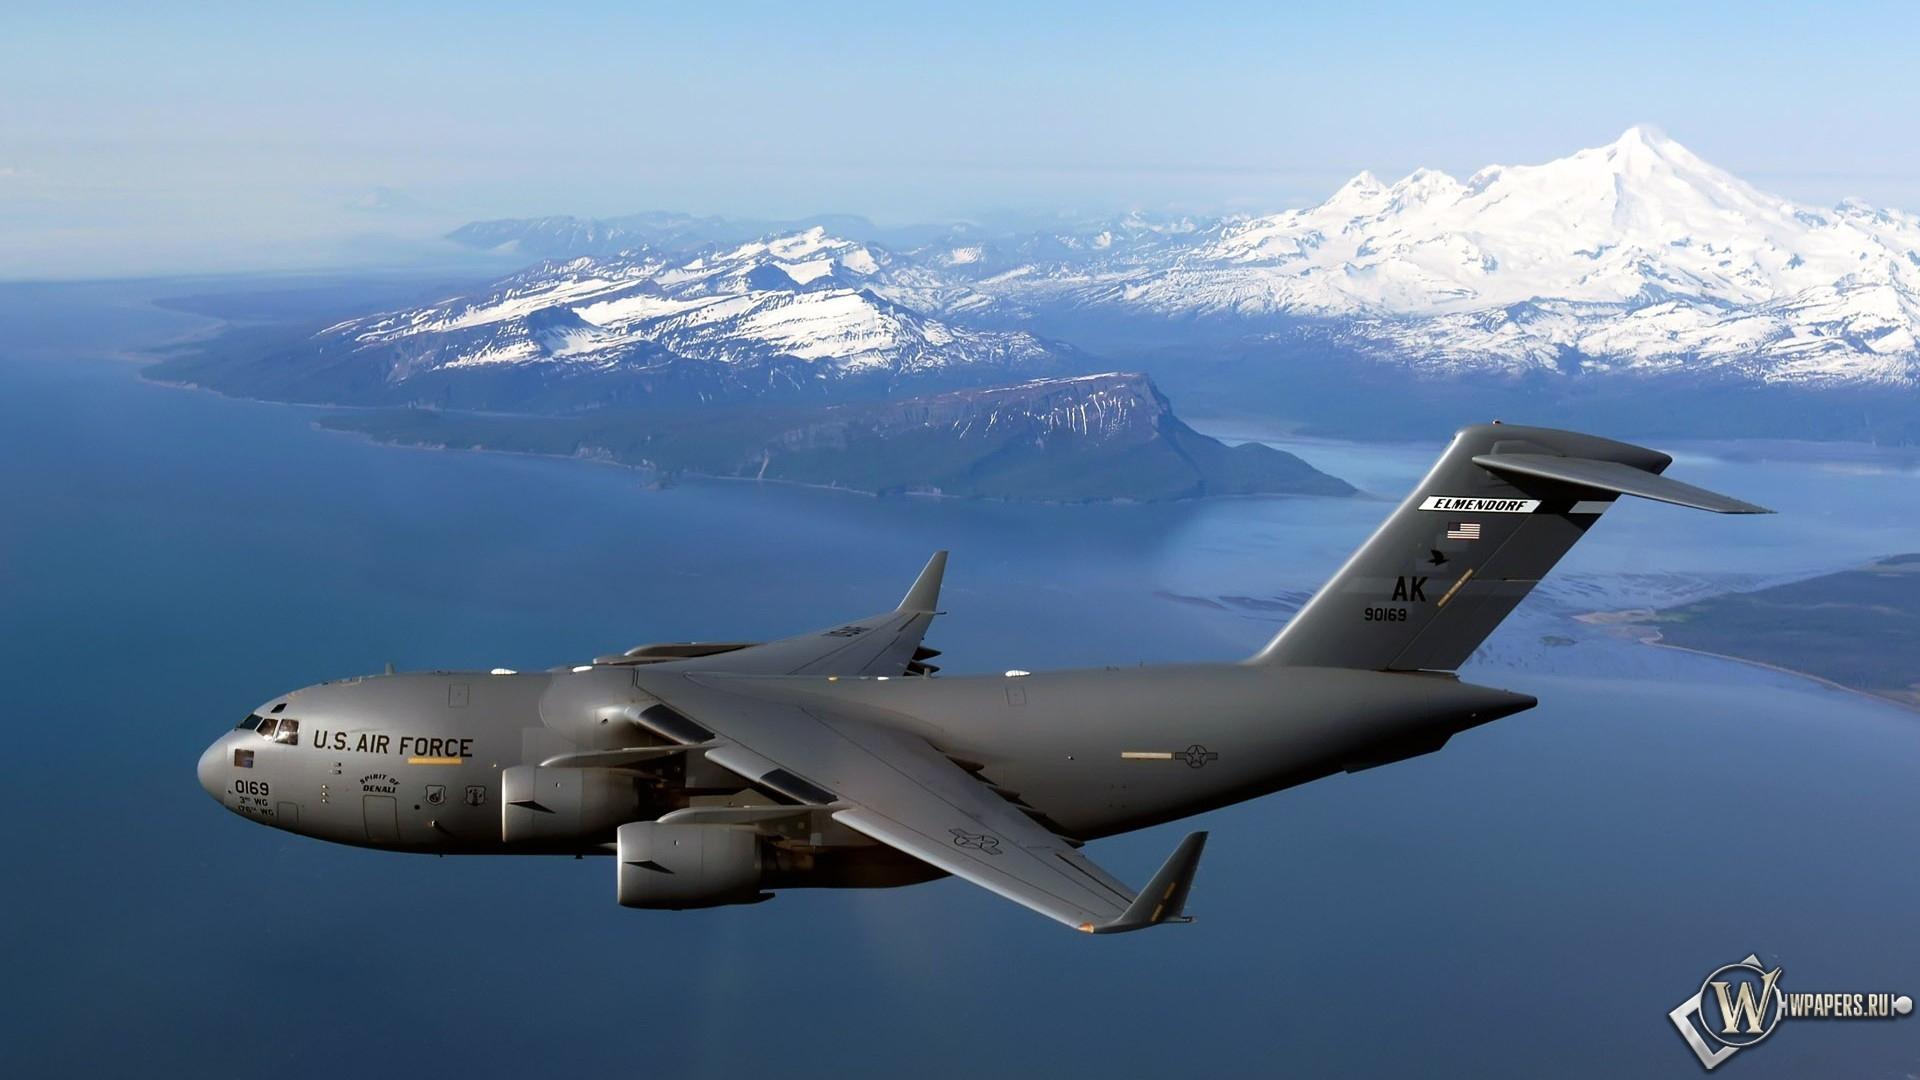 Военный самолет Air Force 1920x1080